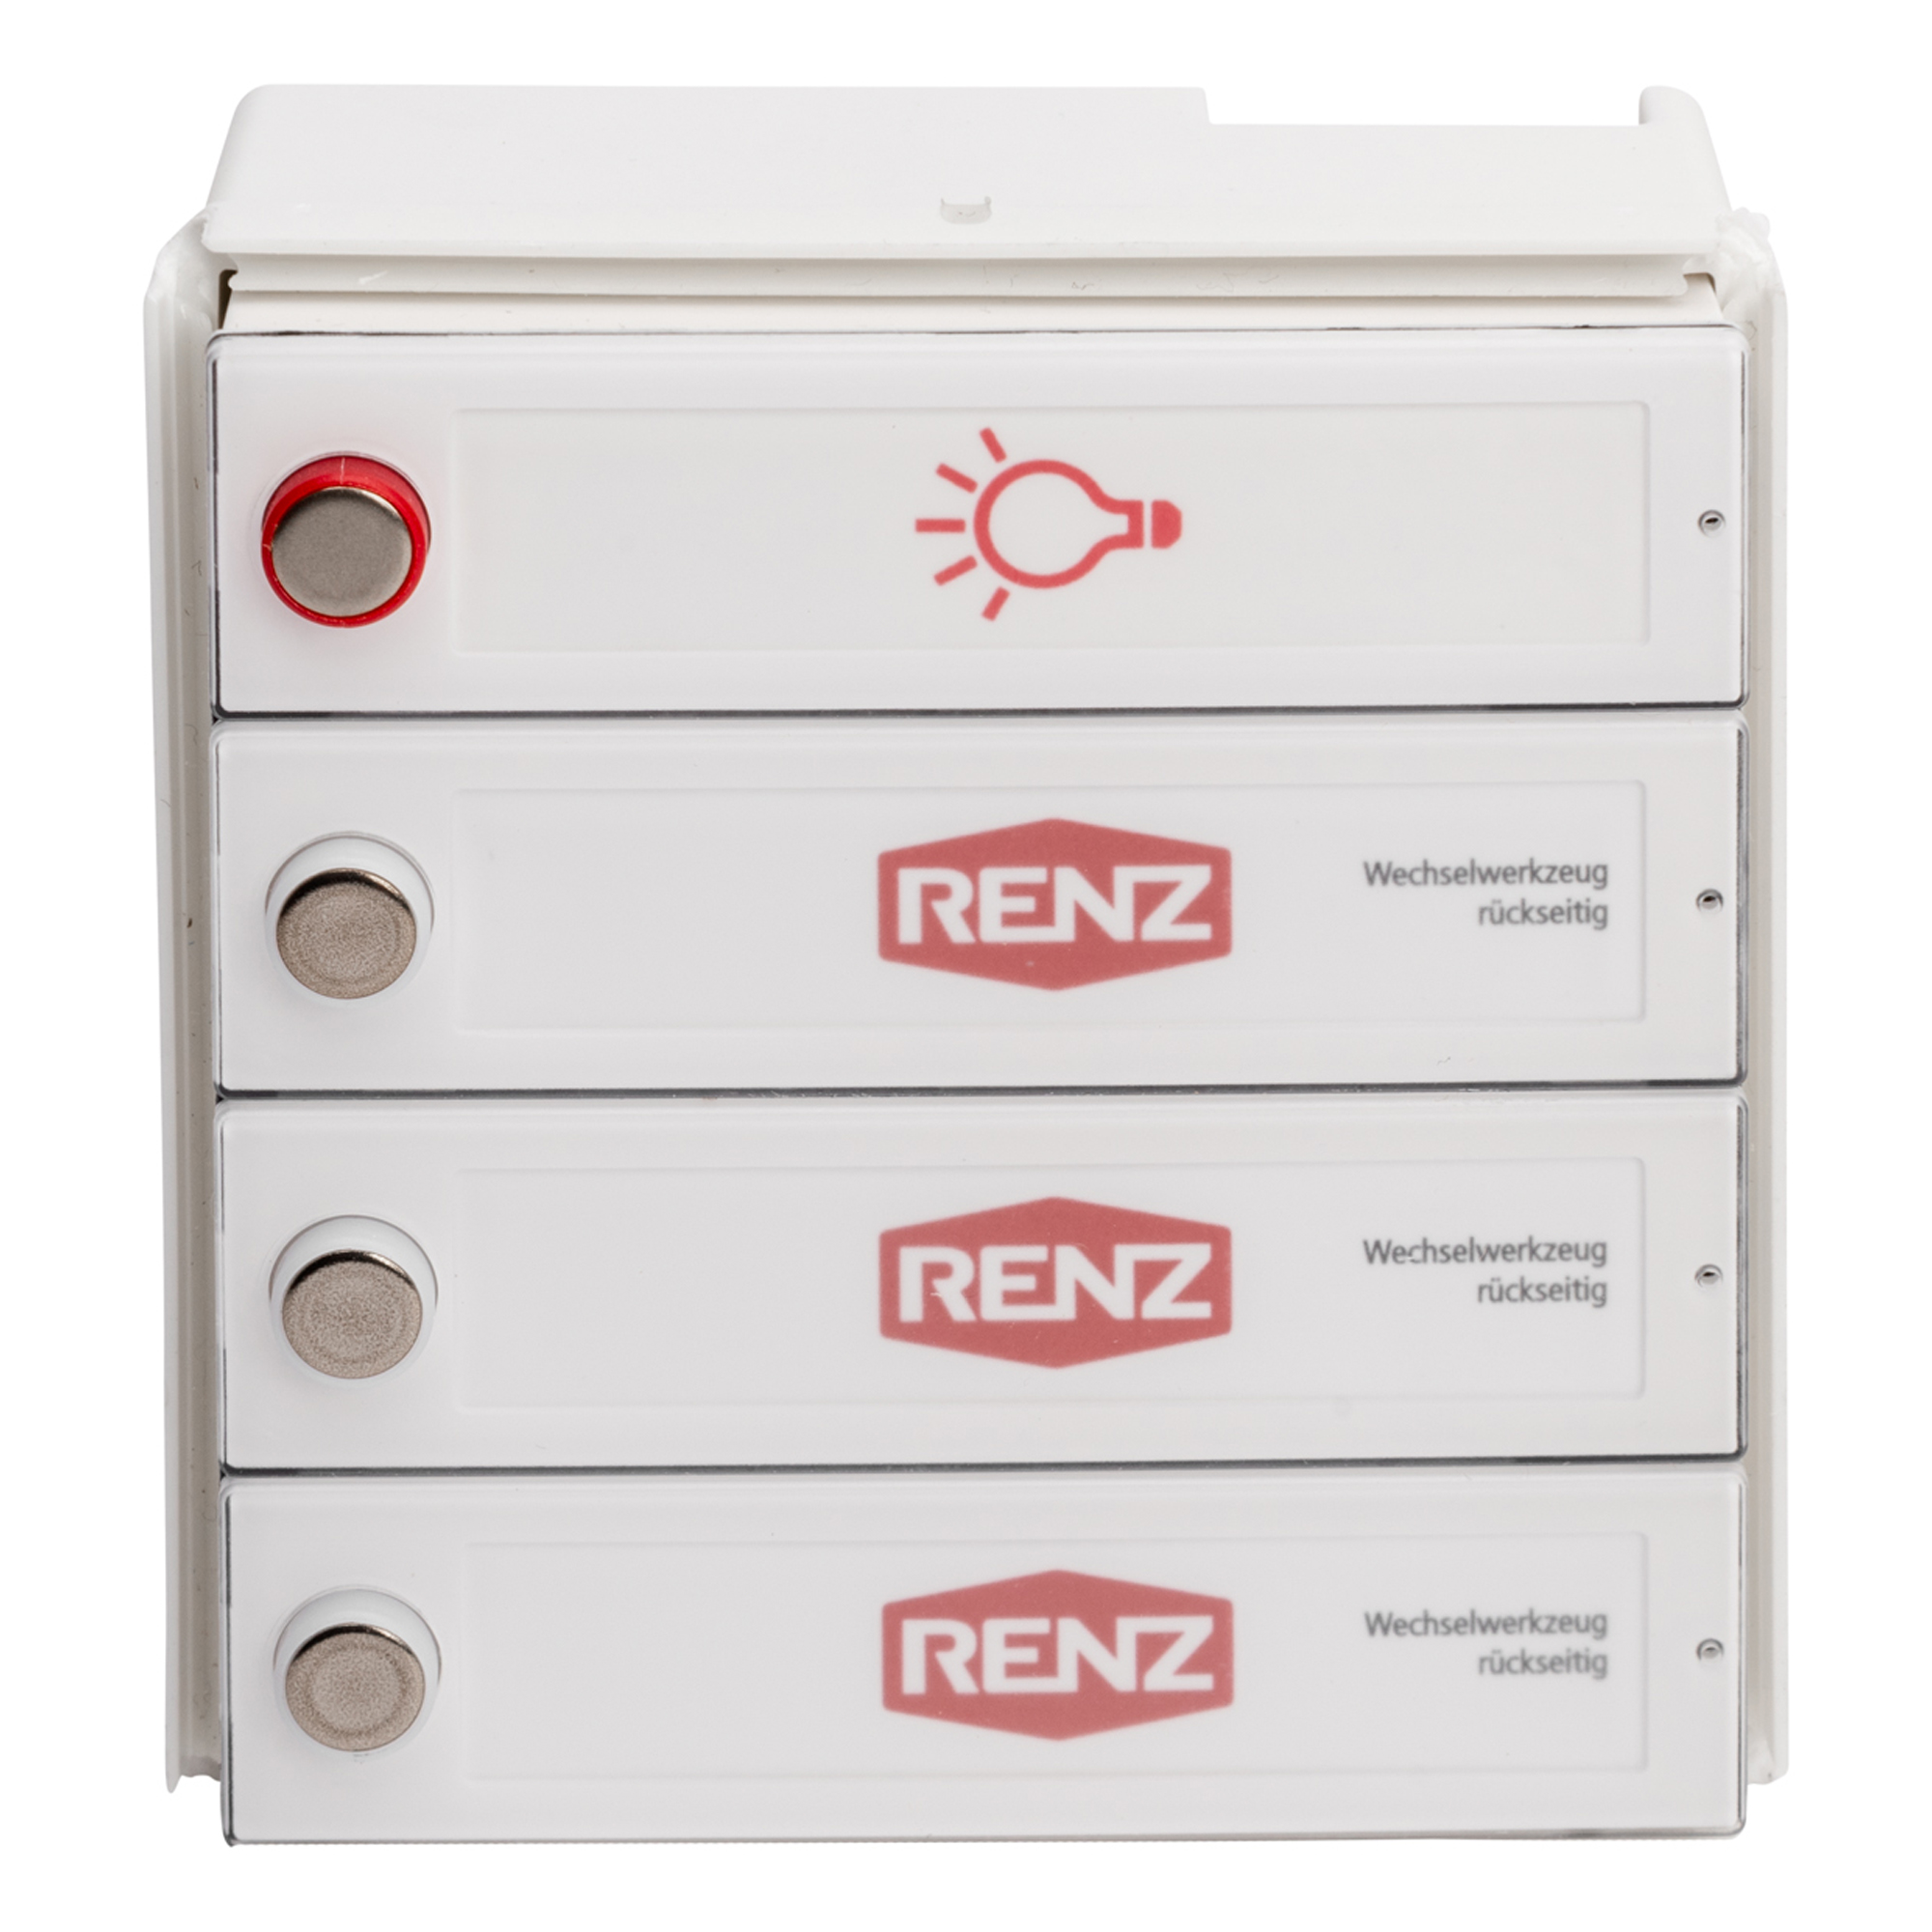 RENZ Tastenmodul RSA2 kompakt - 3 Klingel & 1 Licht 97-9-85331